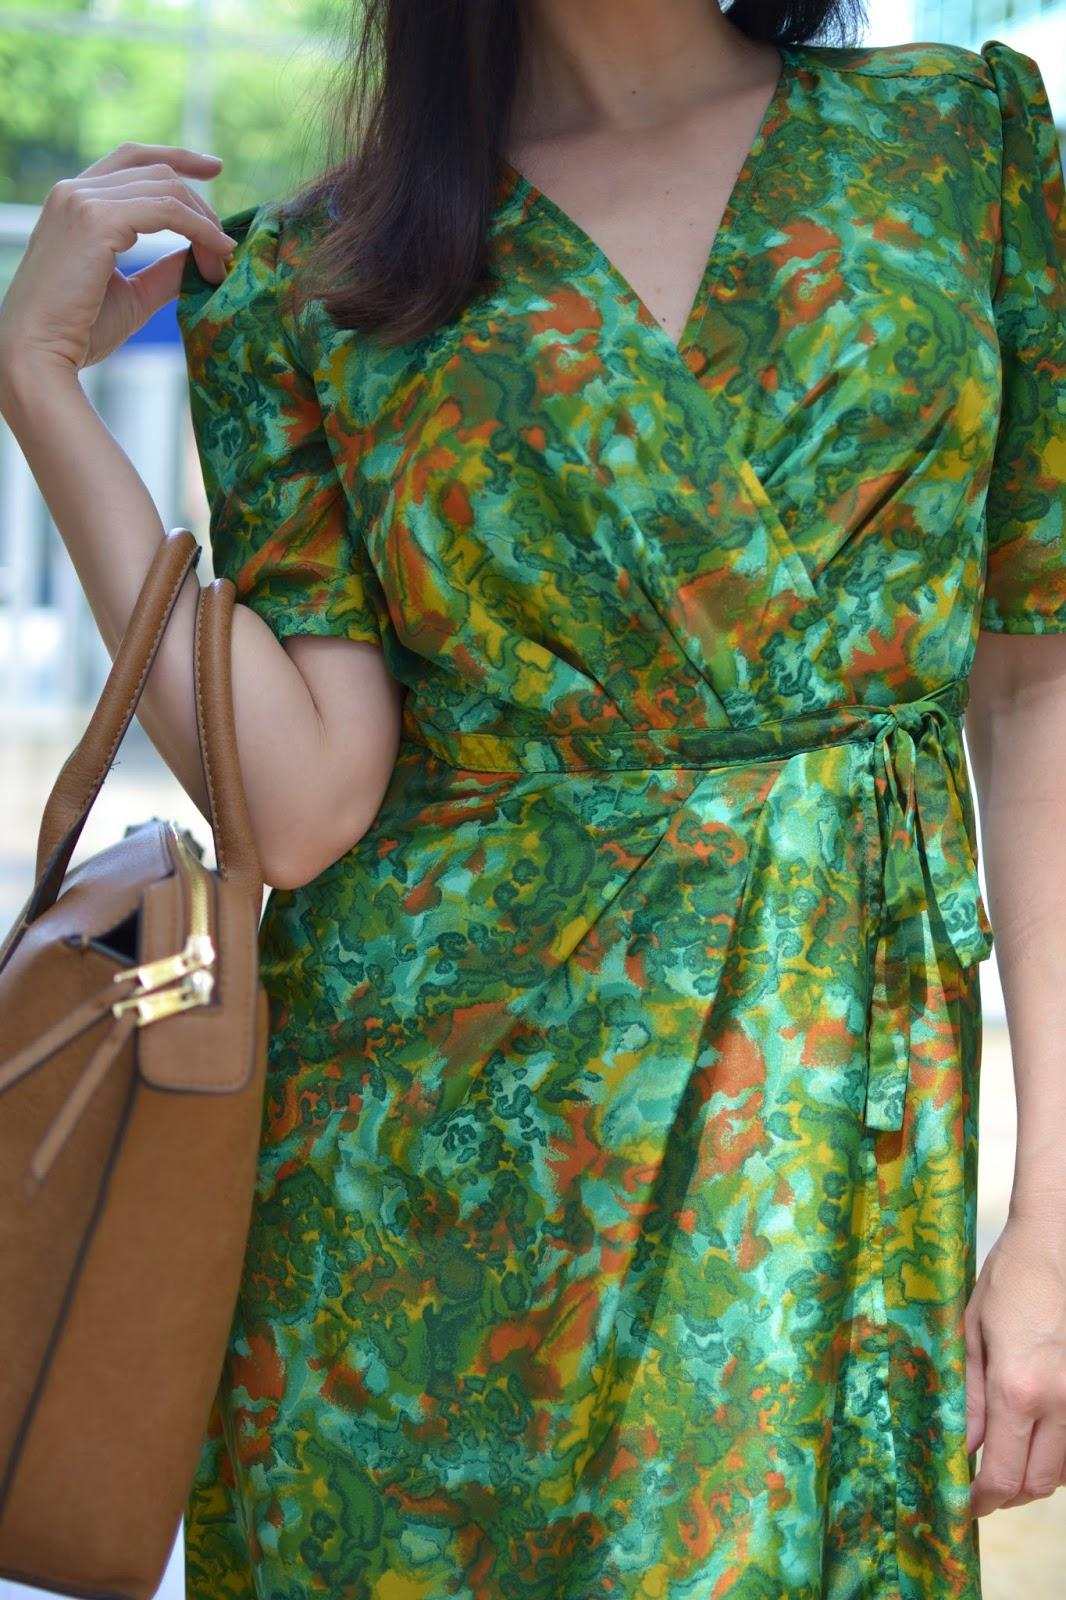 Jeseň klope na dvere_Katharine-fashion is beautiful_Šaty_Zlaté sandále_Katarína Jakubčová_Fashion blogger